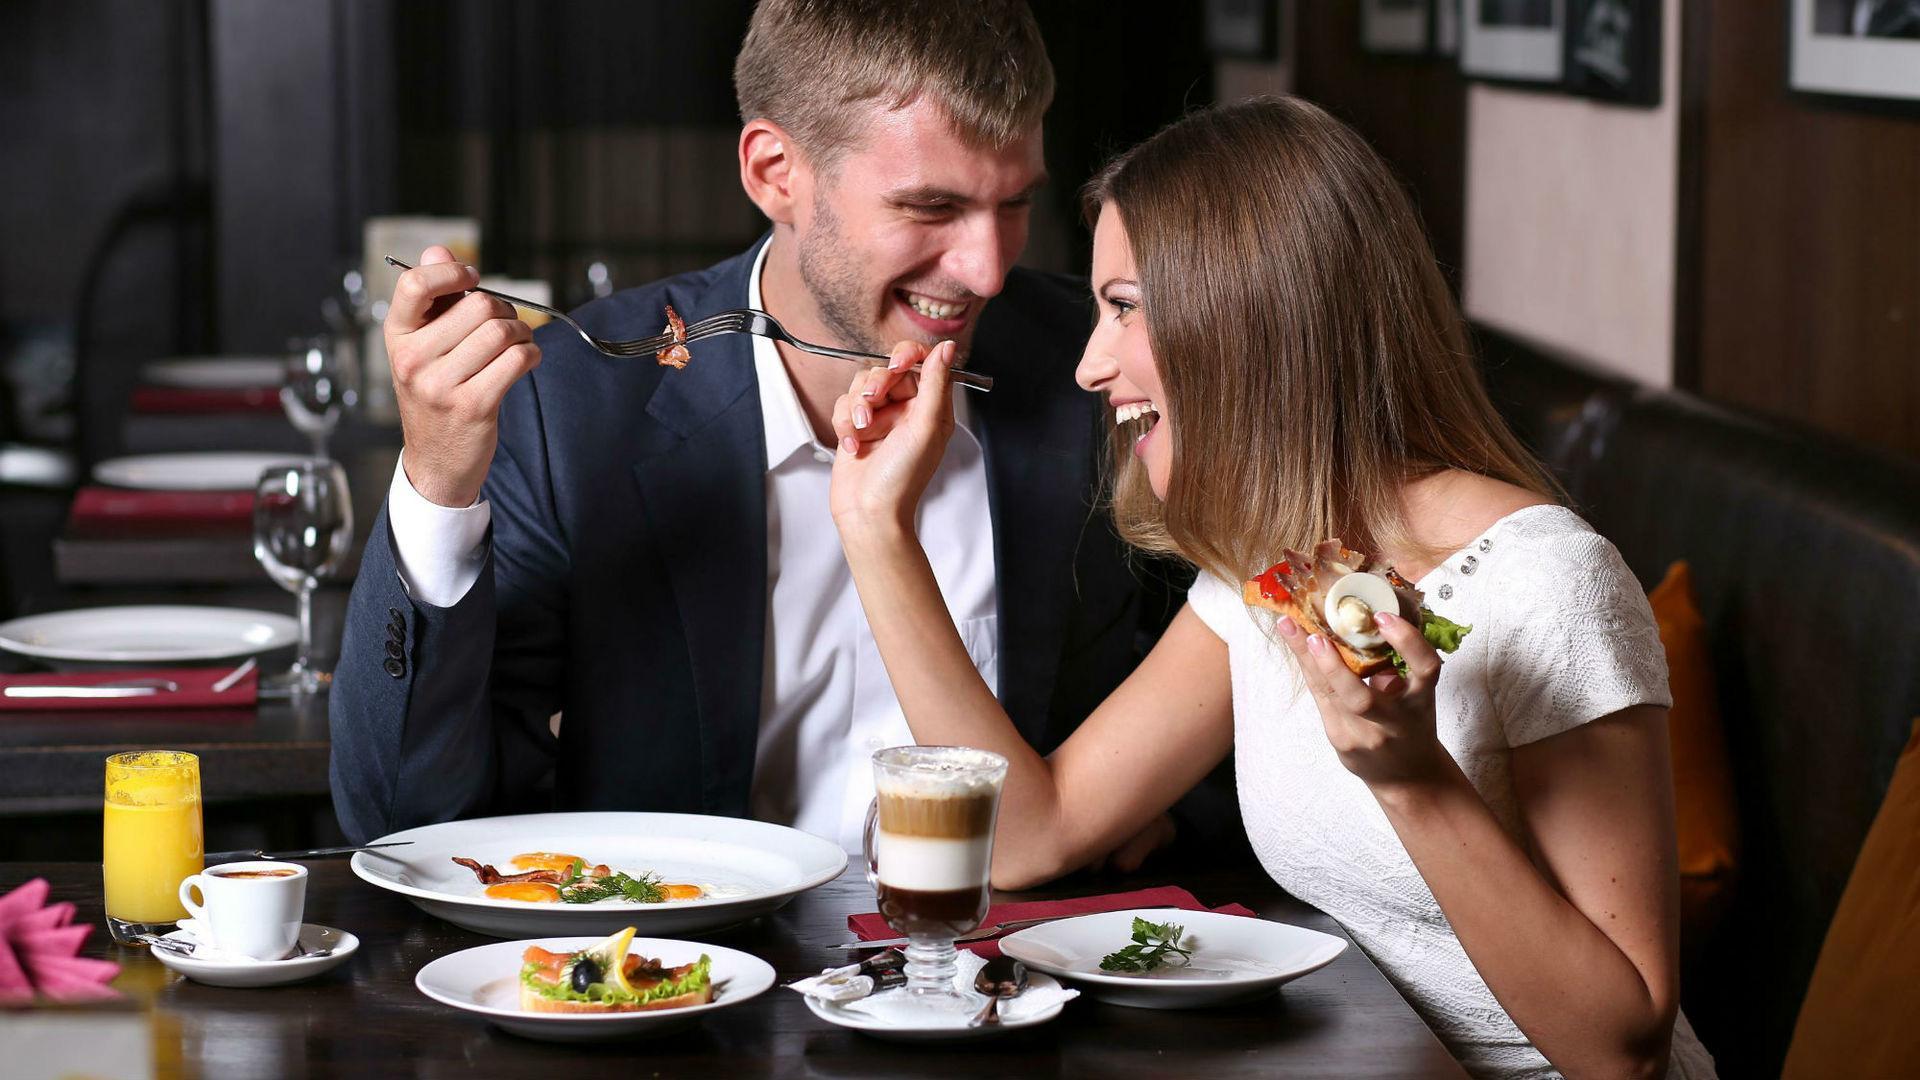 Истина в еде: психологи рассказали, как подружиться и найти взаимопонимание